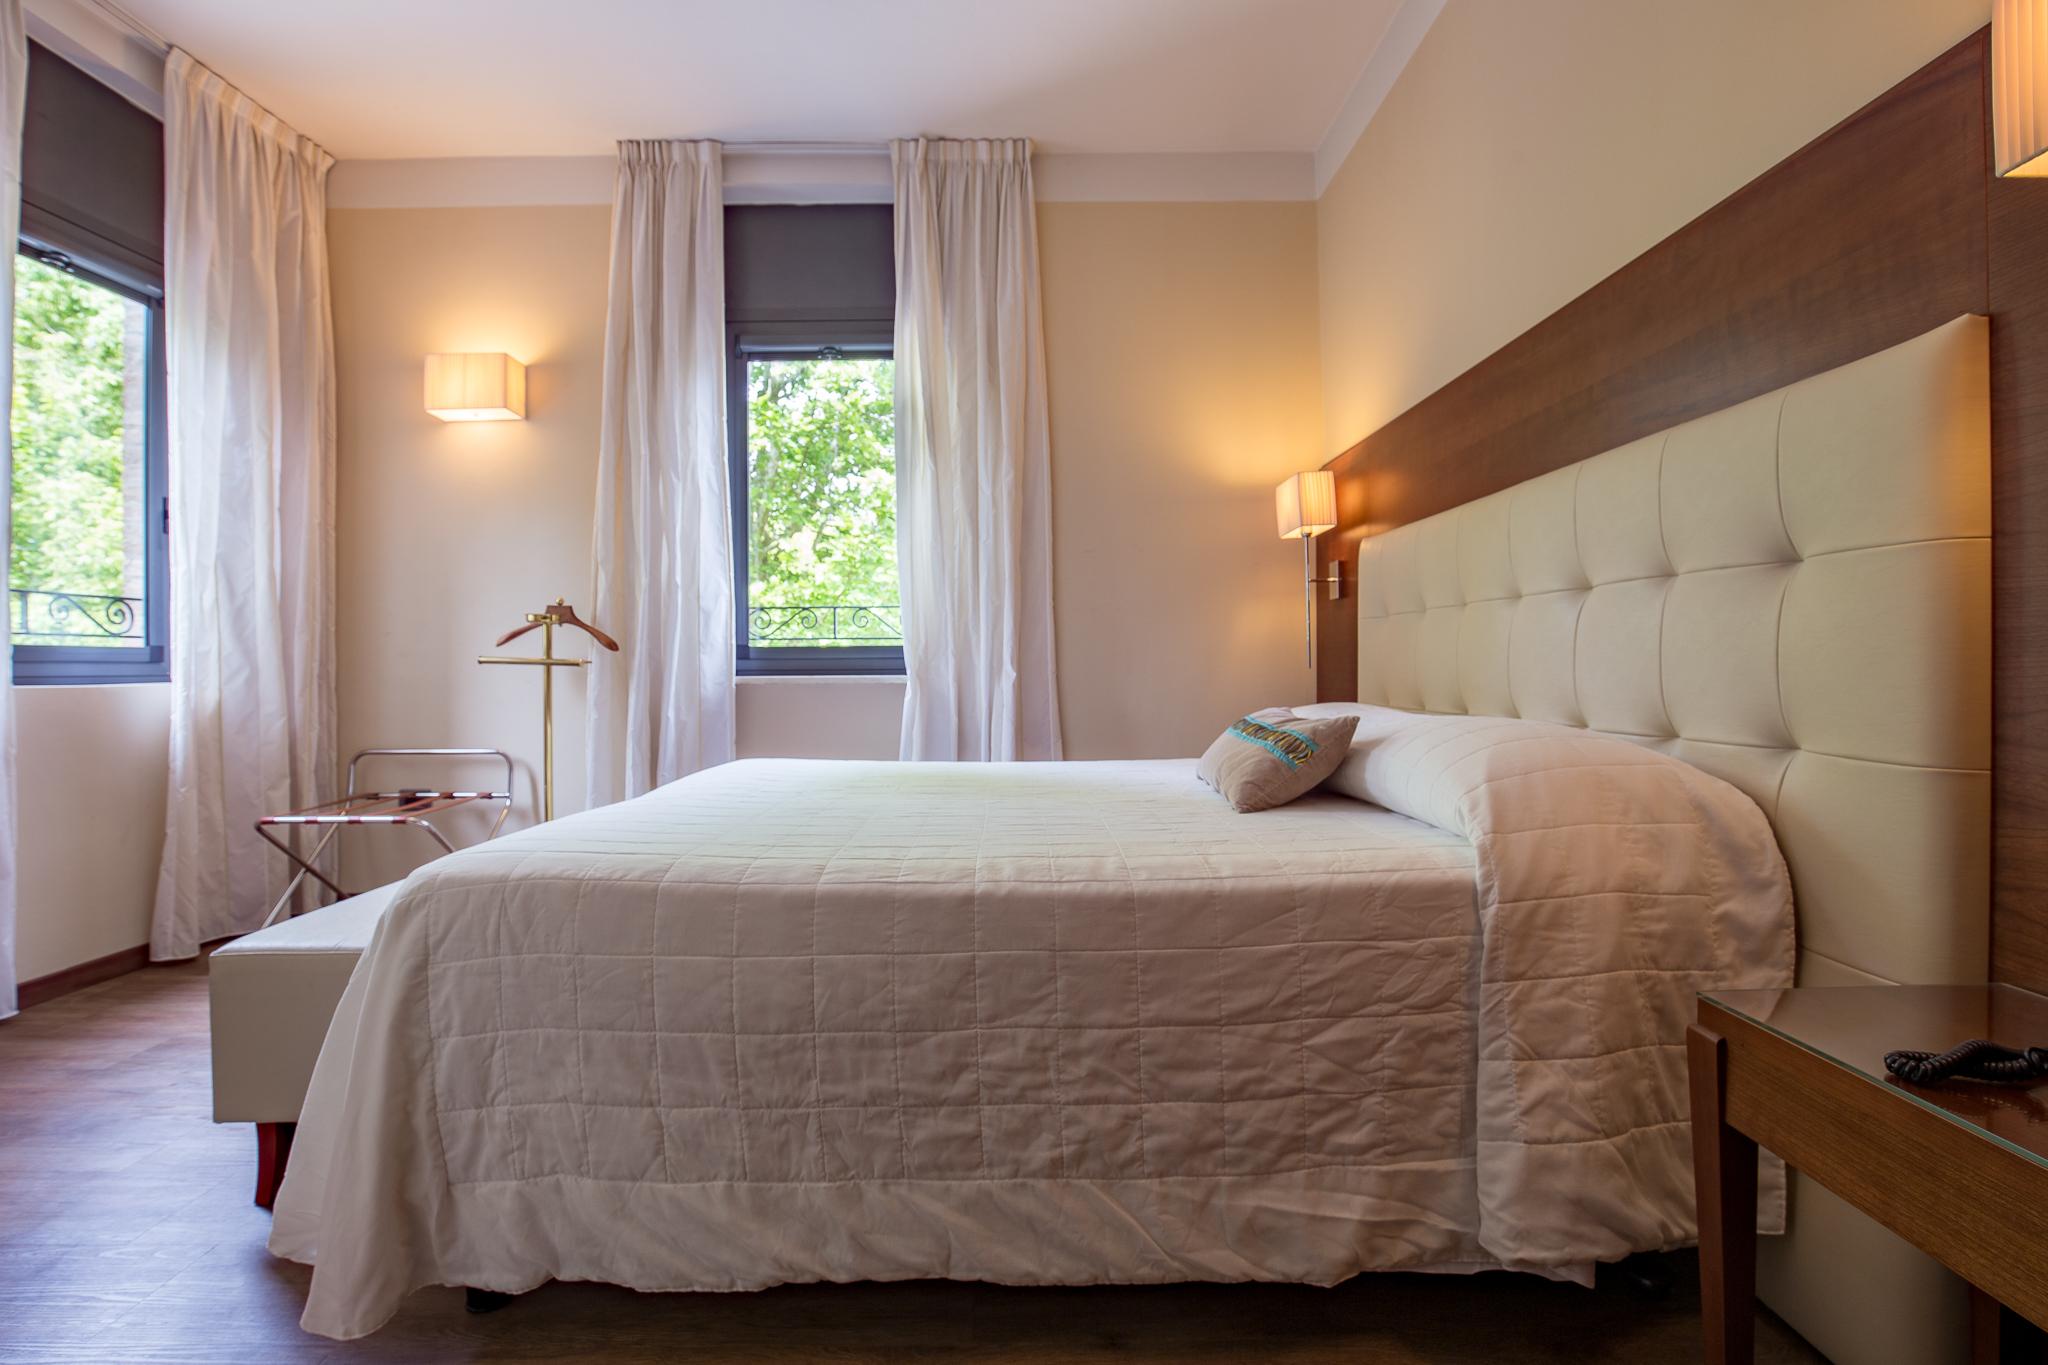 hotel_castello-0126-HDR-102